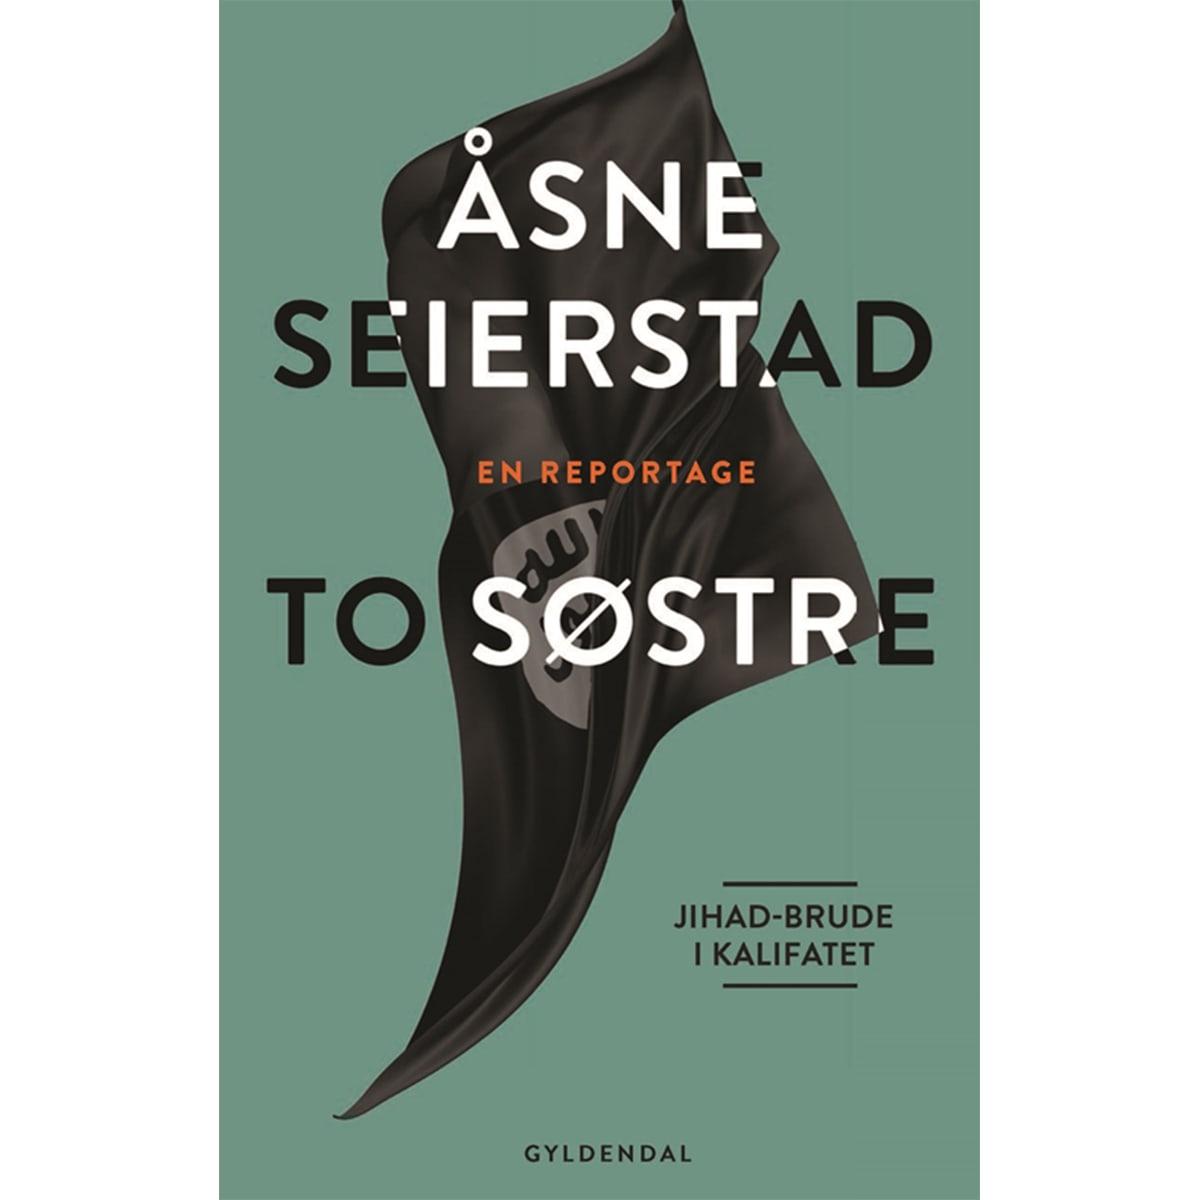 Af Åsne Seierstad